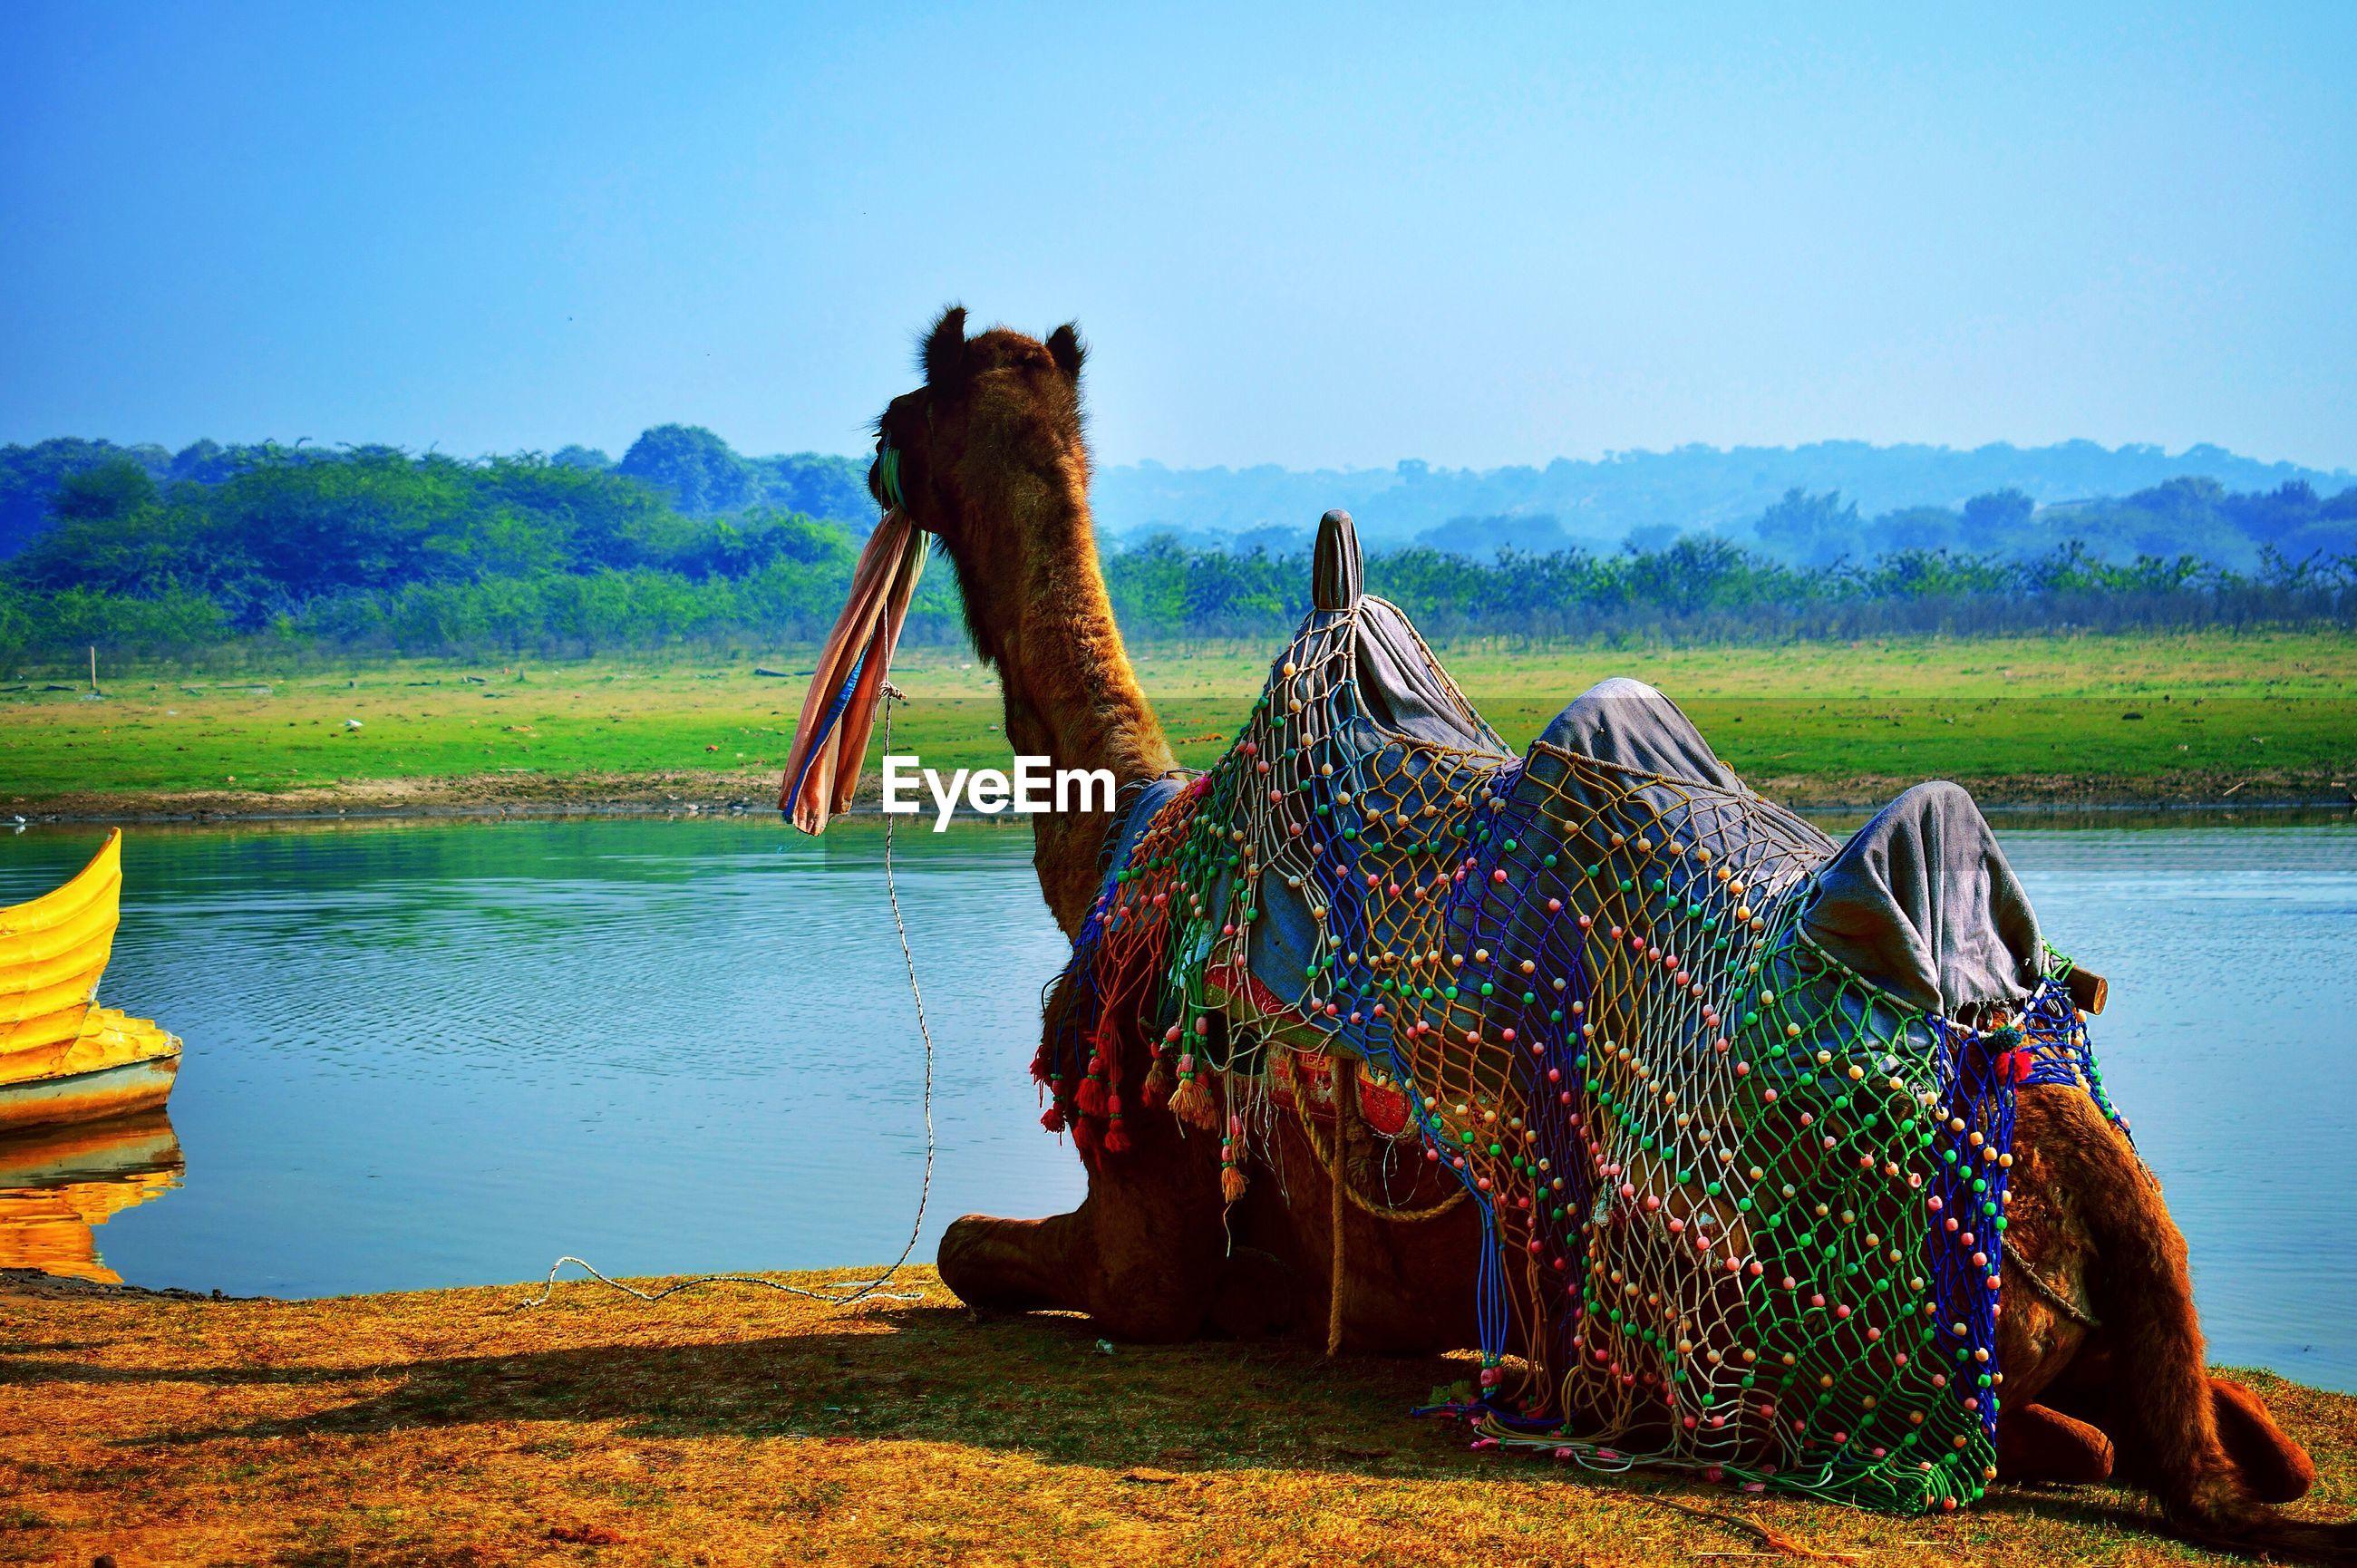 Camel sitting on lakeshore